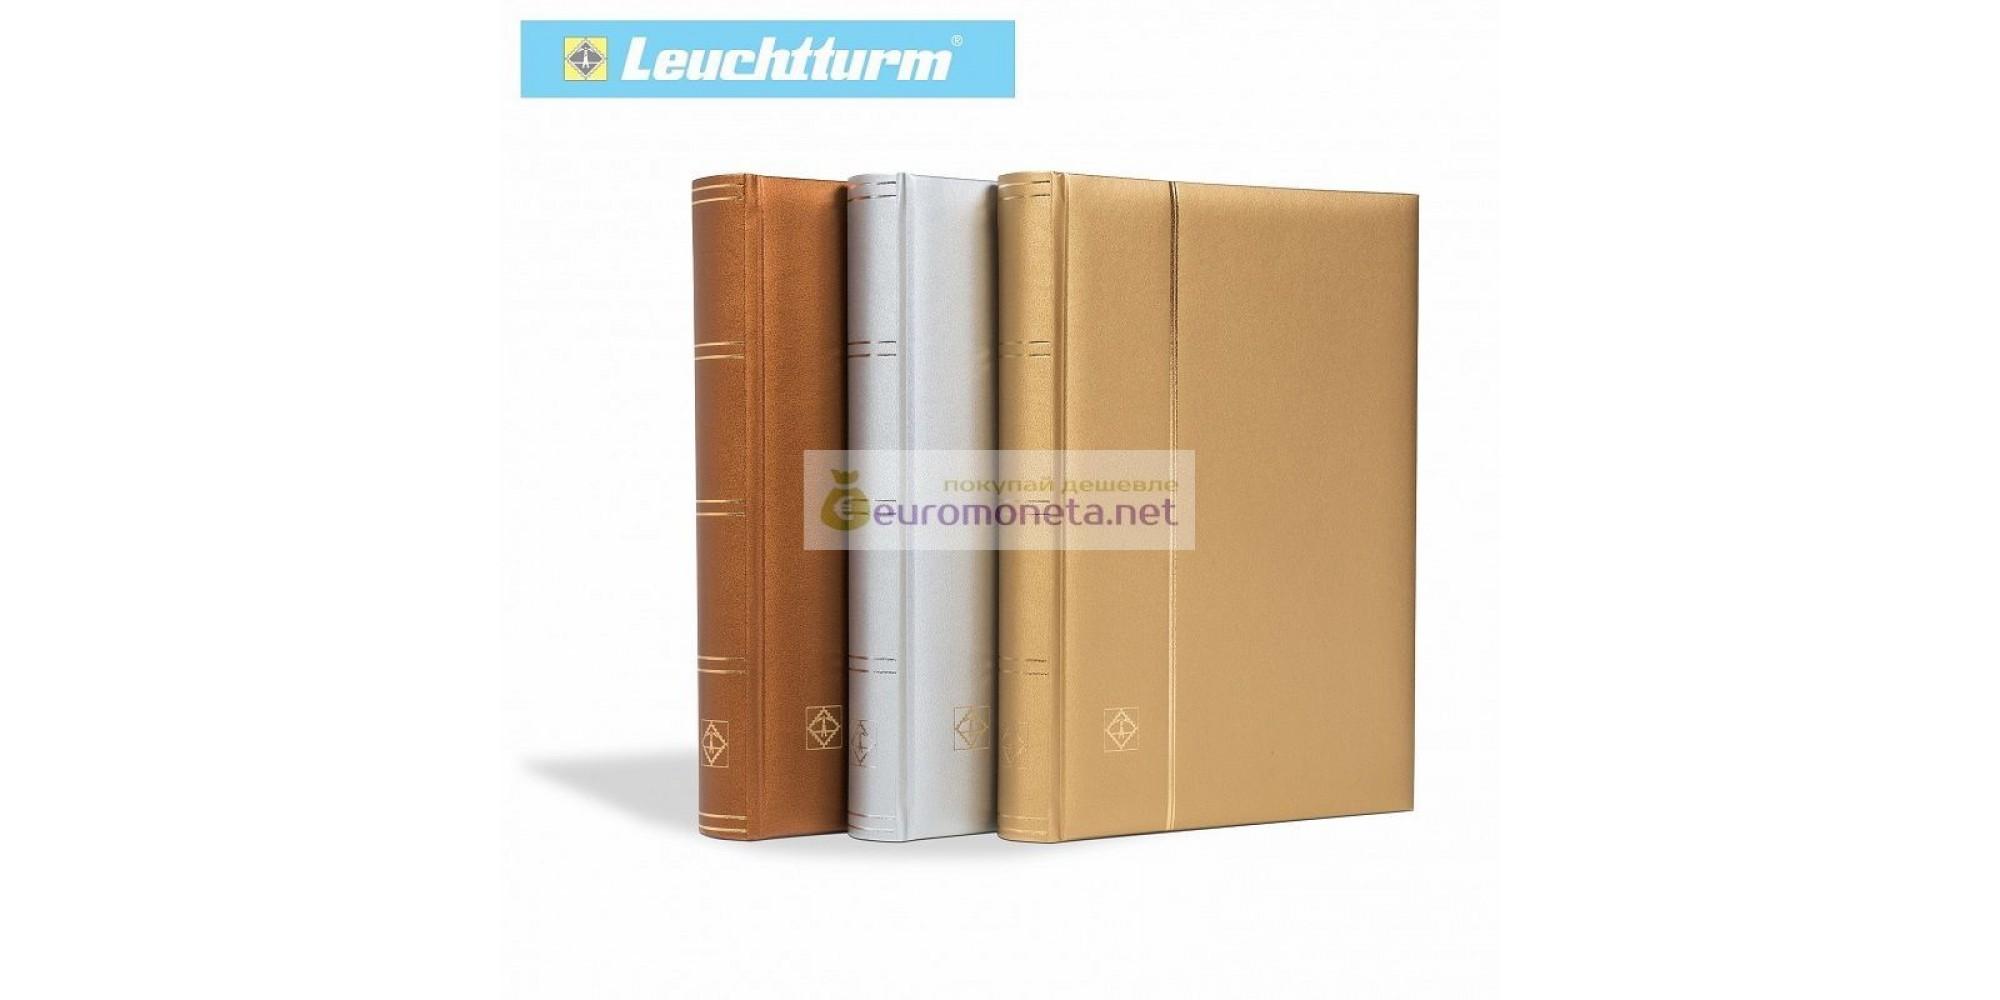 Leuchtturm альбом COMFORT Metallicedition A4 S64 белые страницы, серебро, Германия